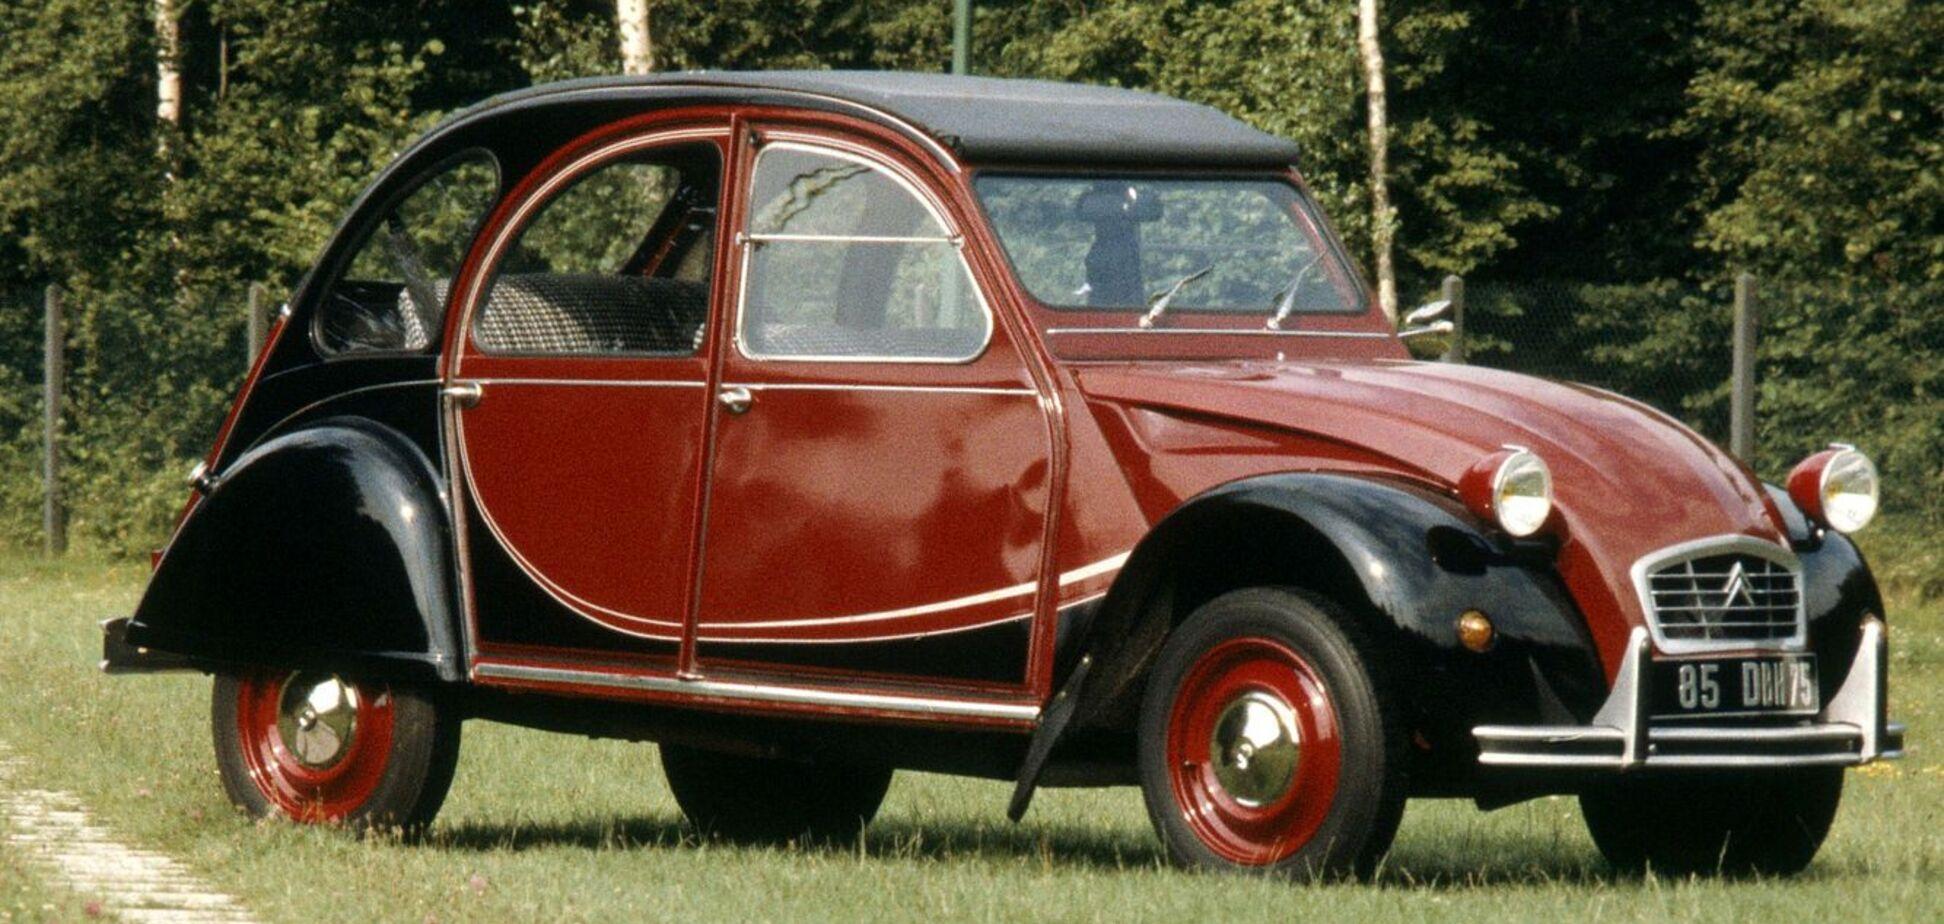 Компанія Citroën відзначає 40-річчя моделі 2CV6 Charleston